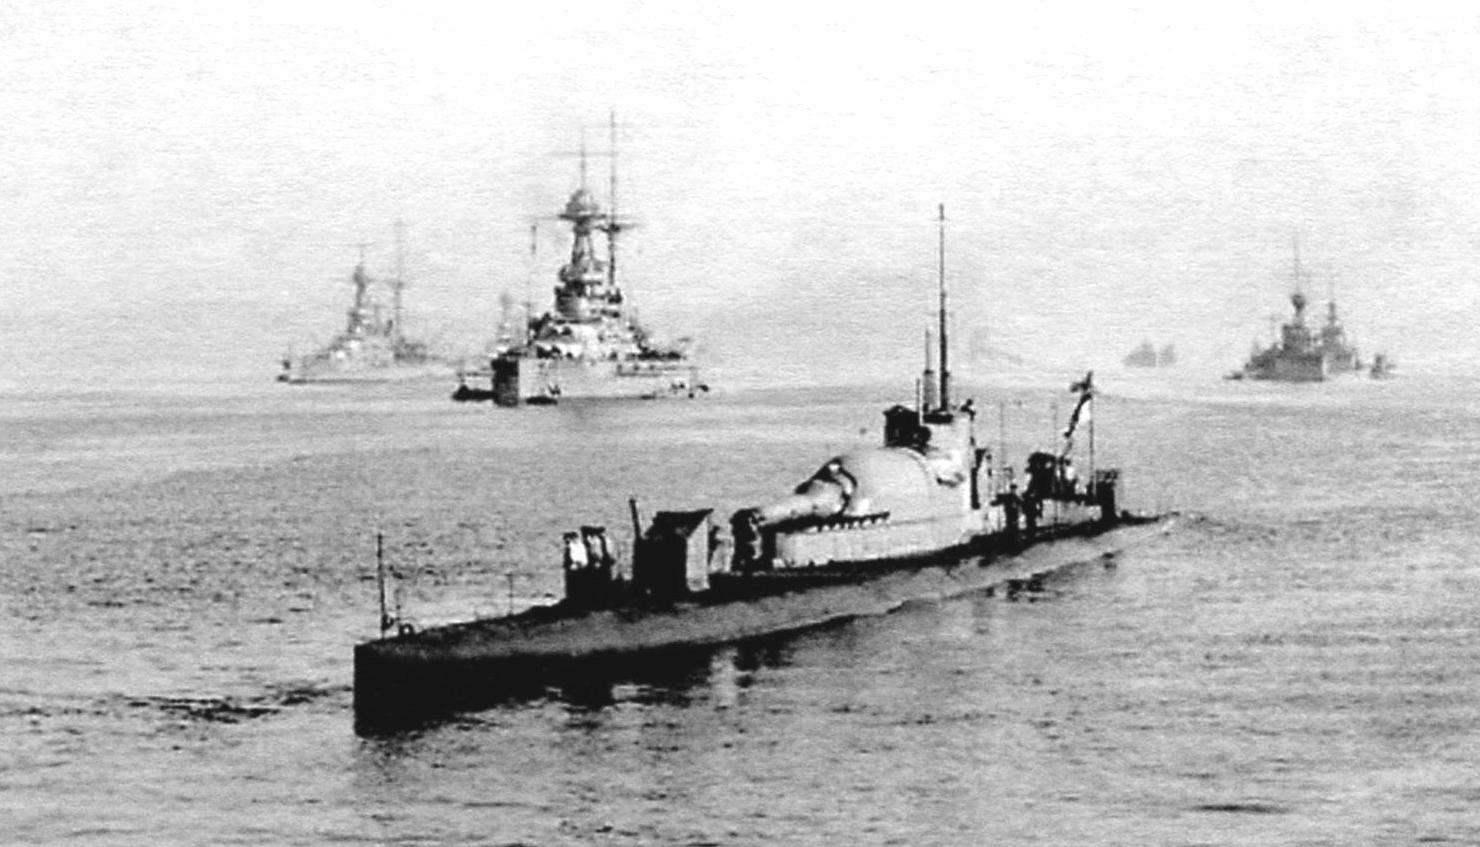 Субмарина E20, вооружённая 6-дюймовой гаубицей